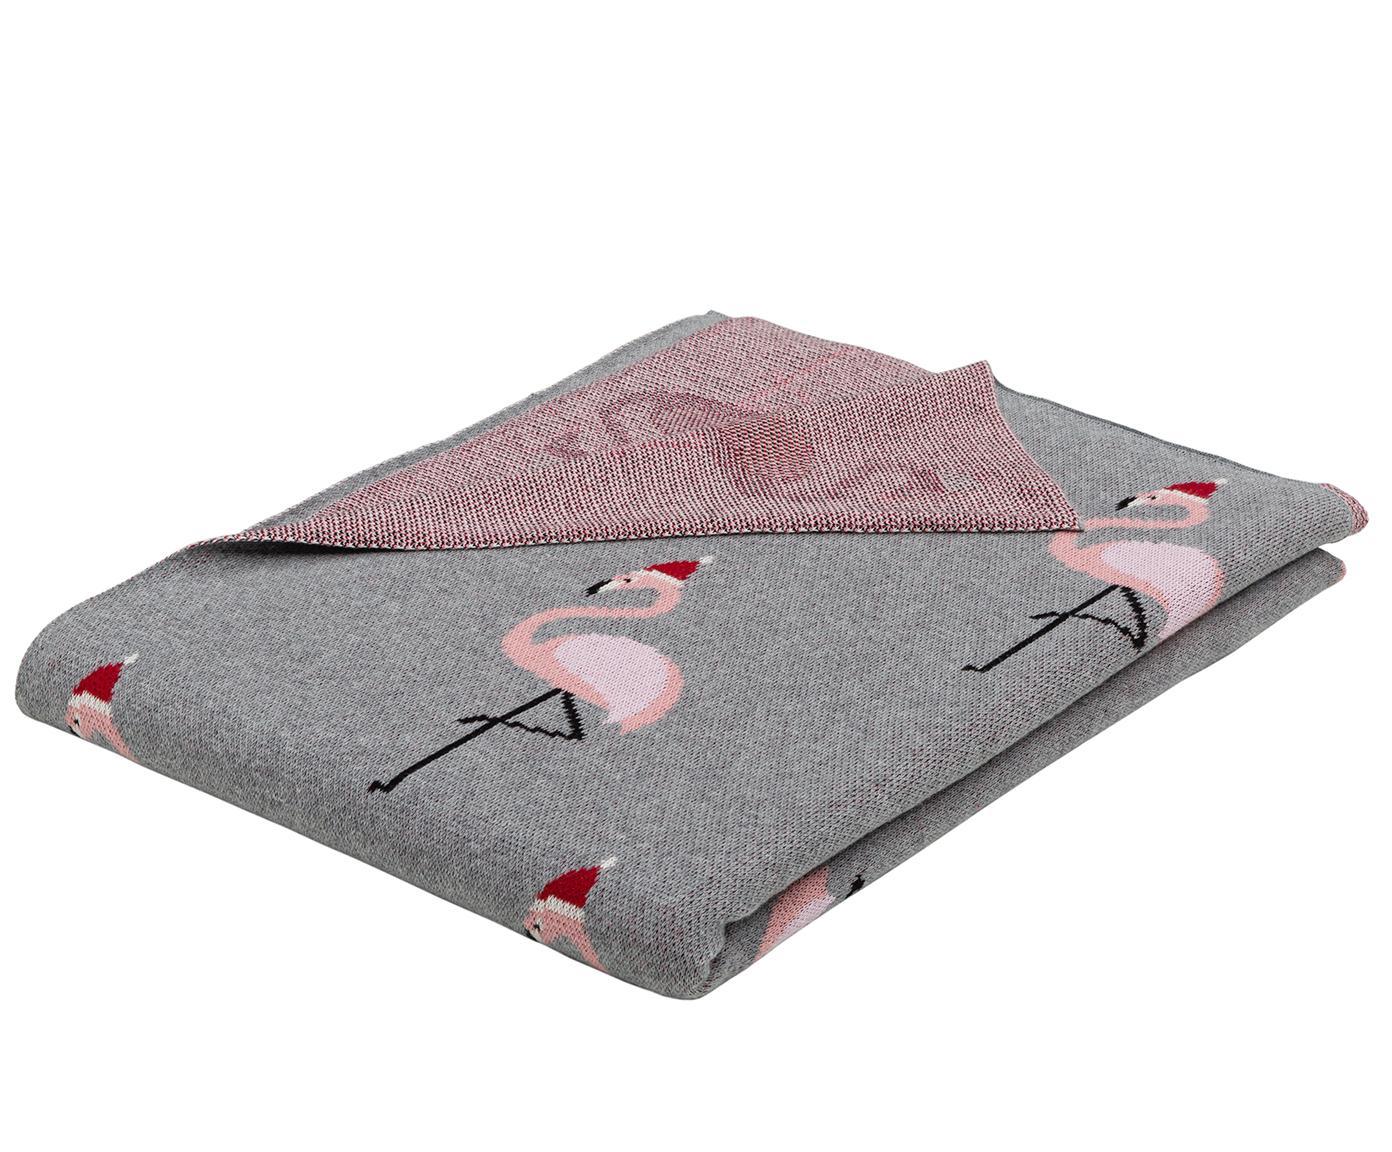 Manta doble cara tejida Flamingo, 100%algodón, Gris, multicolor, An 150 x L 200 cm